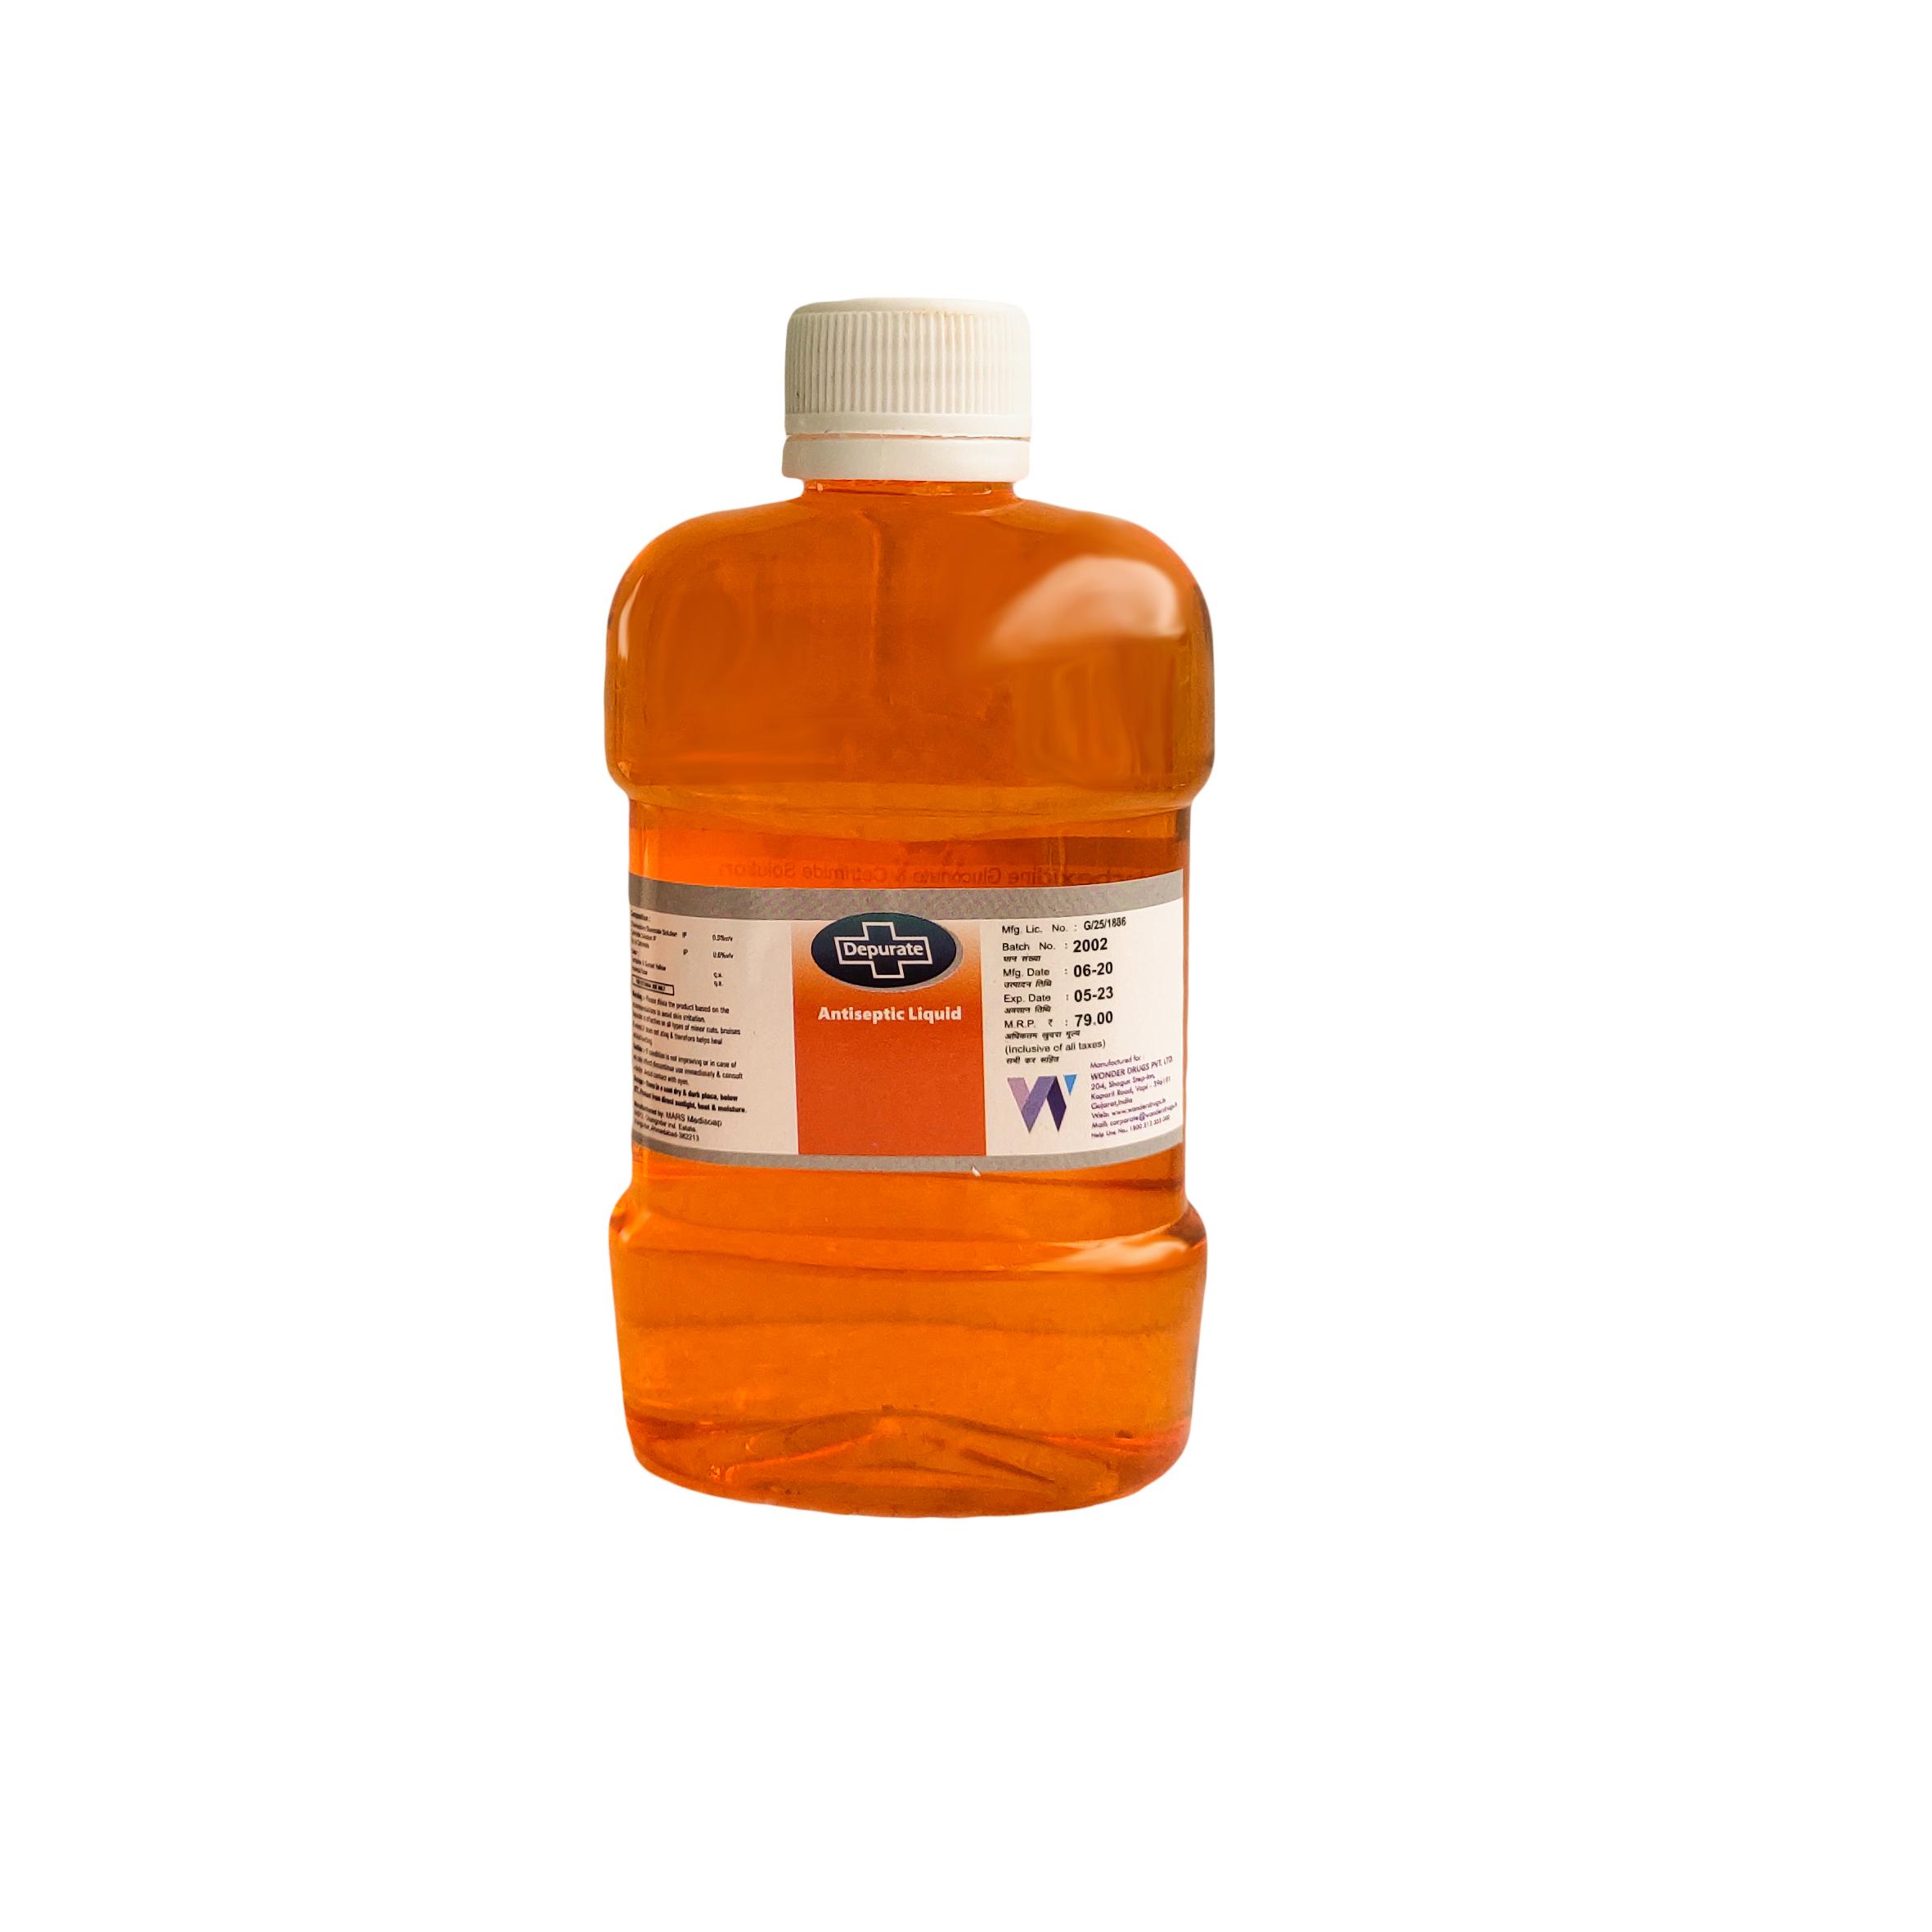 200 ml Depurate Antiseptic Liquid